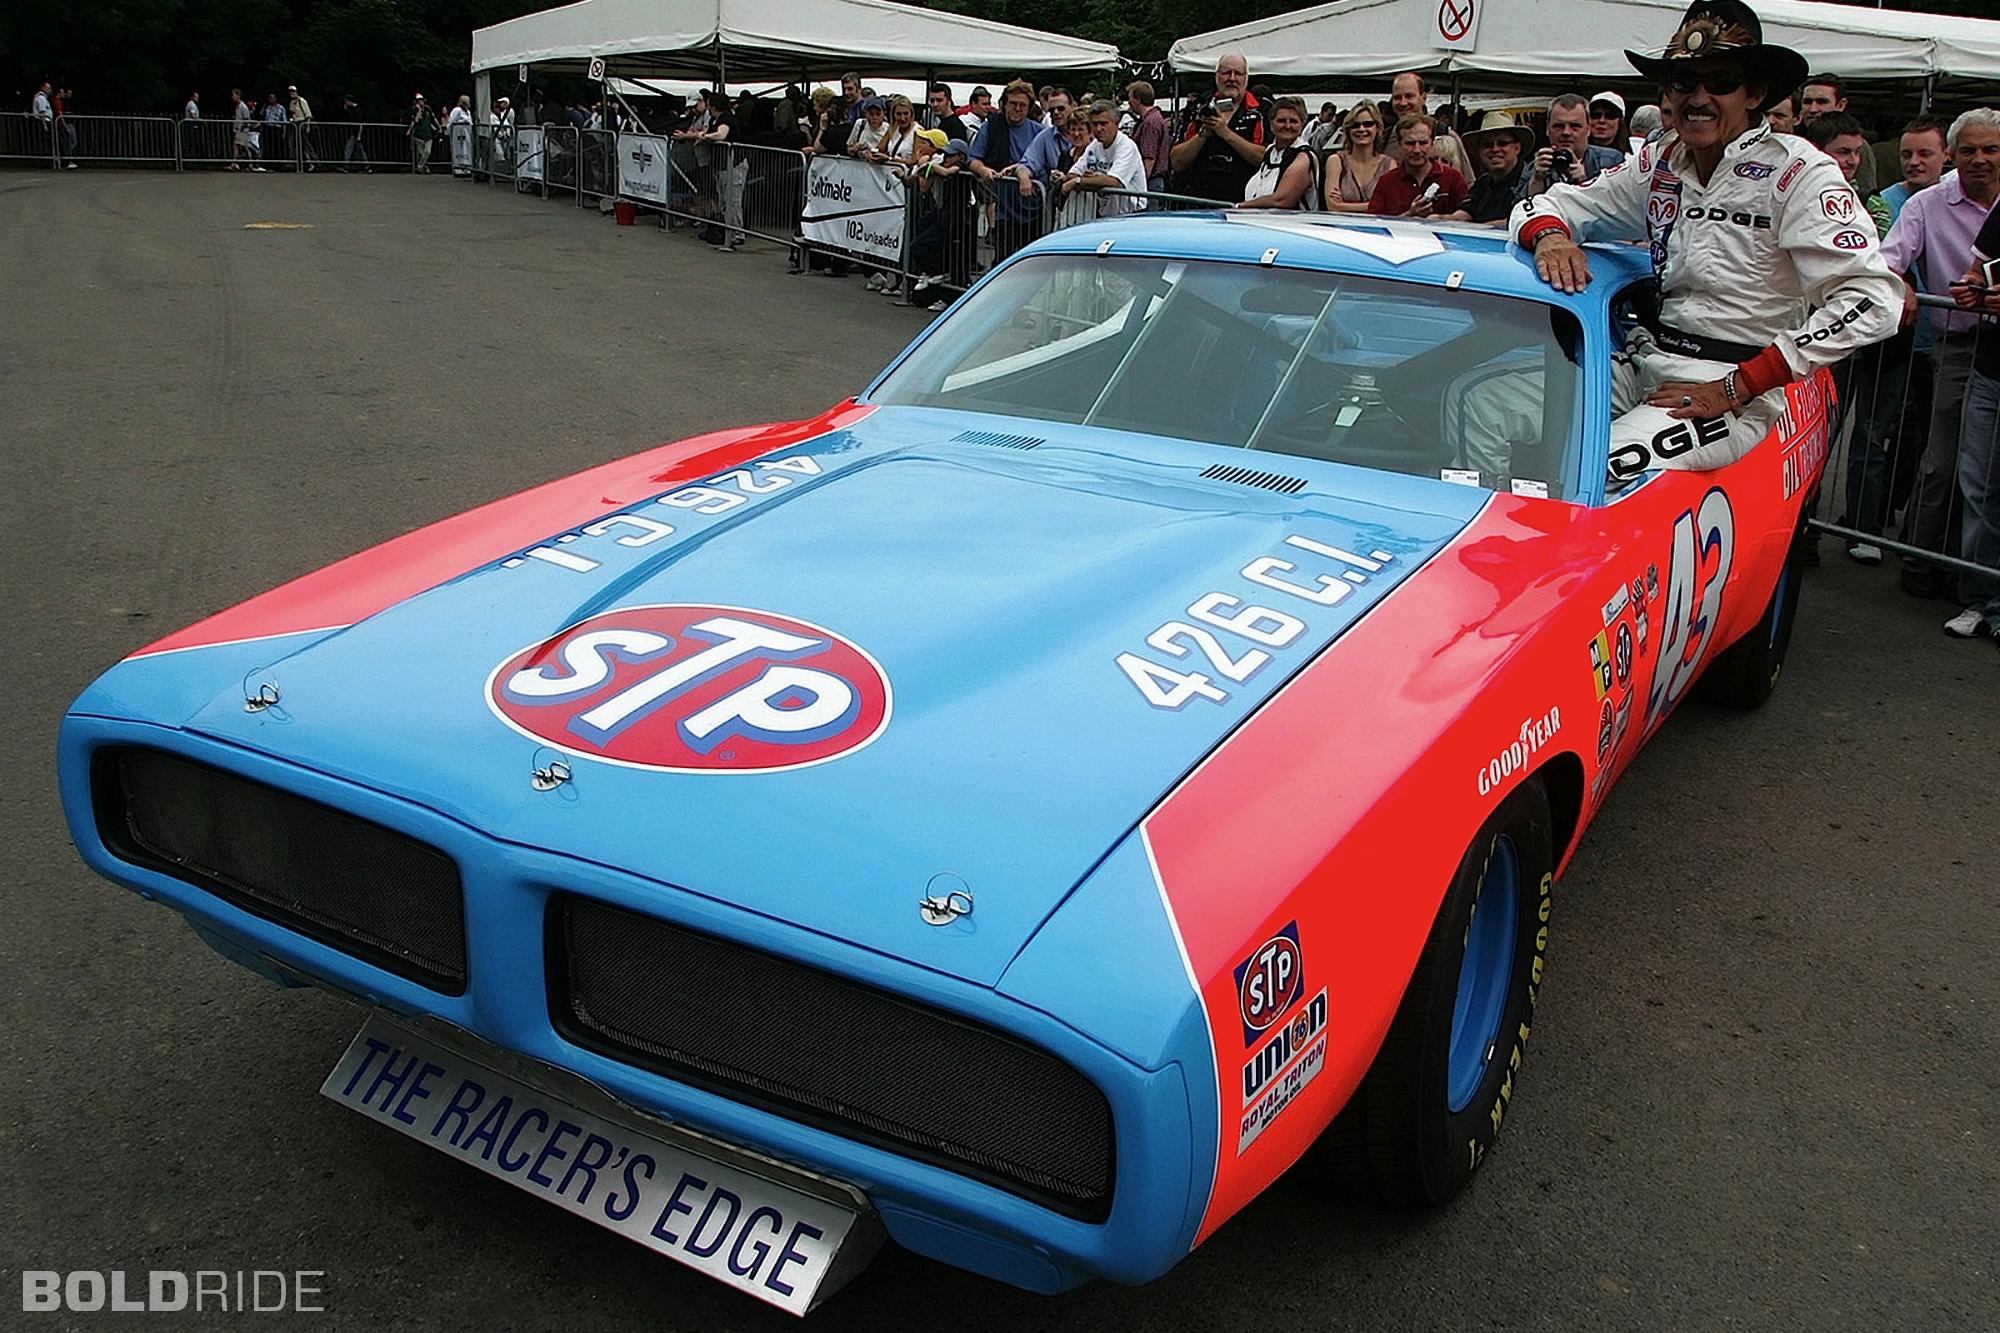 1972 Dodge Charger Nascar Race Car Racing Richard Petty